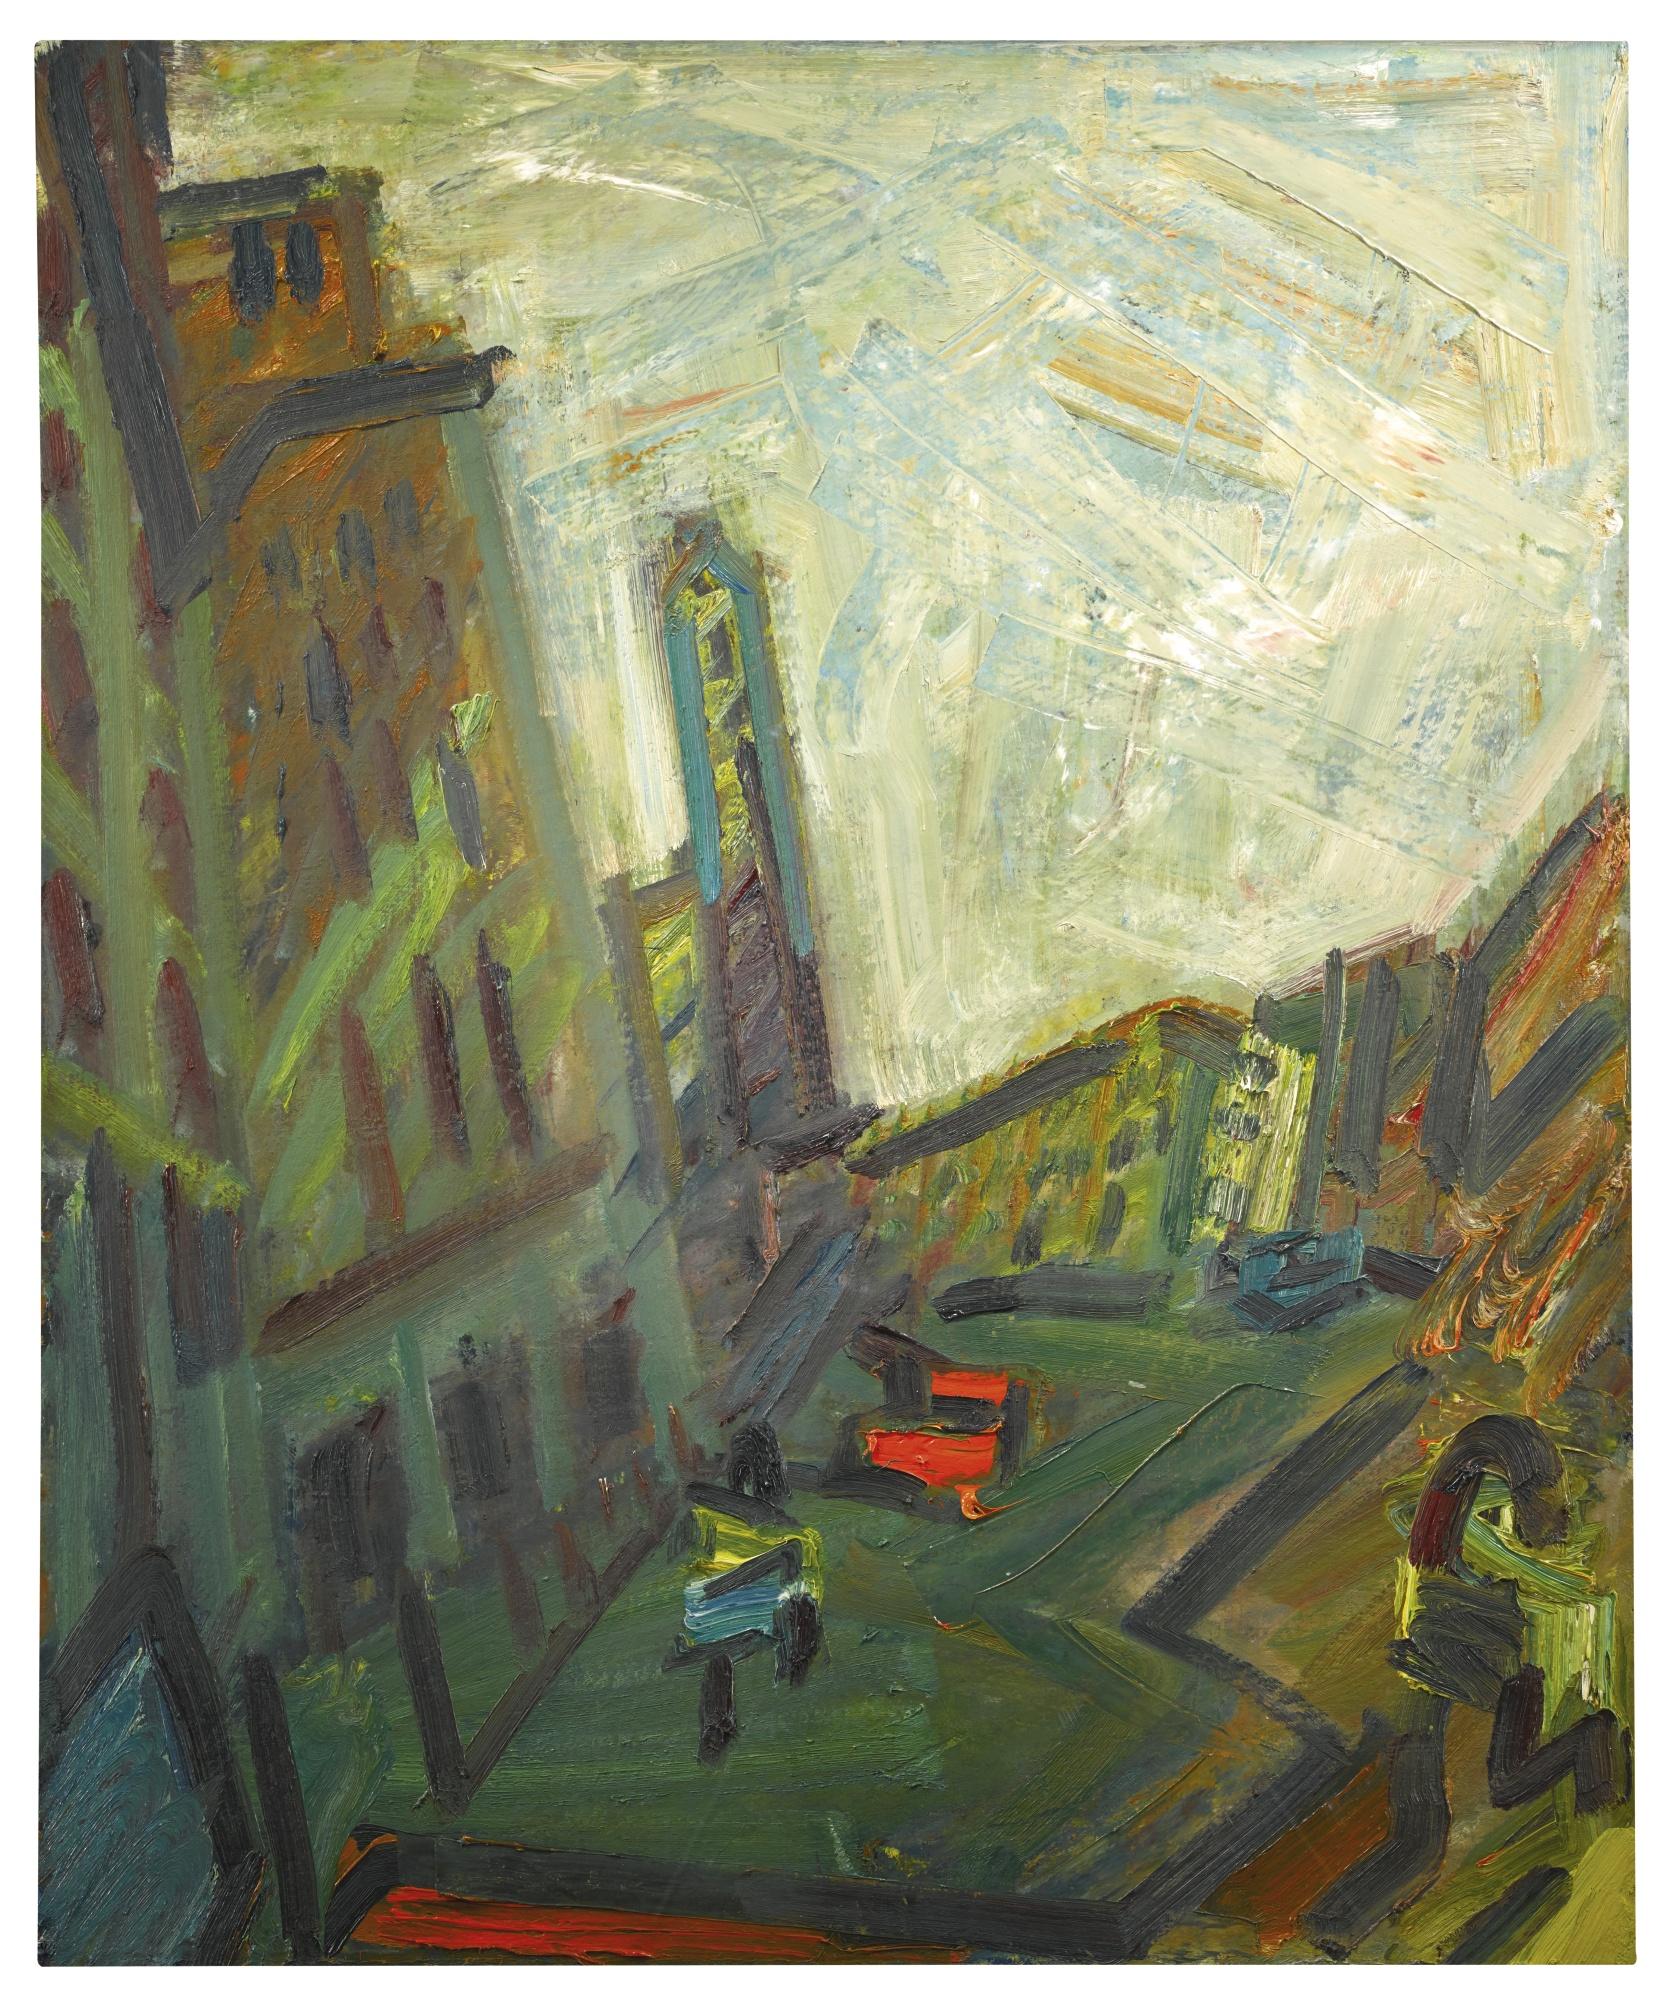 Frank Auerbach-Mornington Crescent - First Light-1990